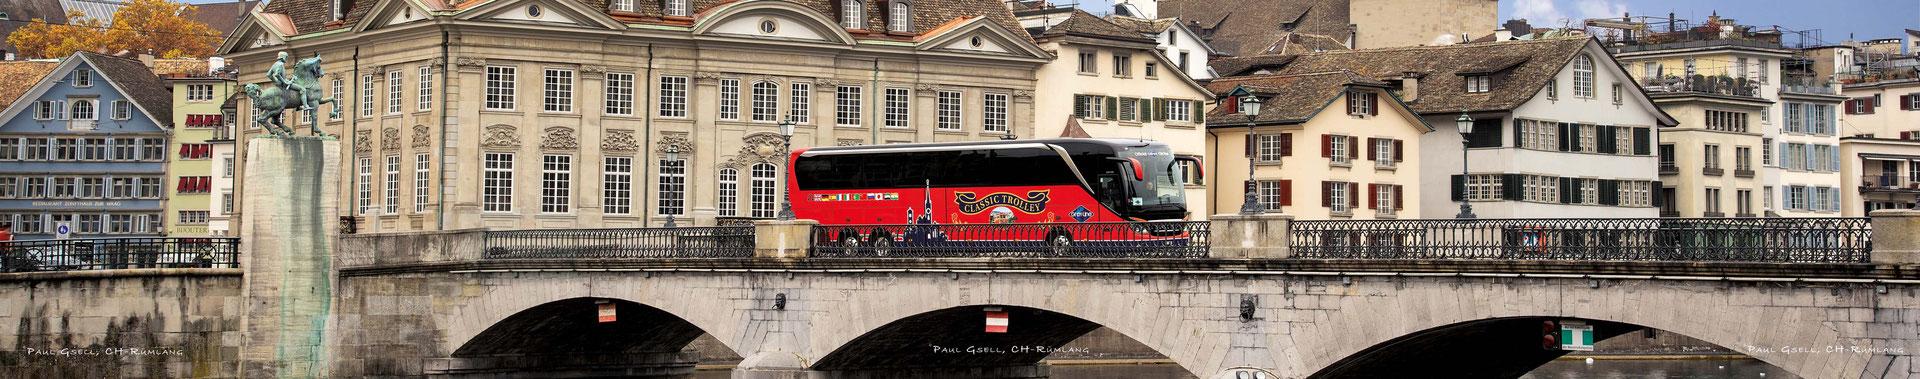 Dieses überproportionale Foto ist in der Tourist Information im Hauptbahnhof Zürich im Grossformat zu sehen.